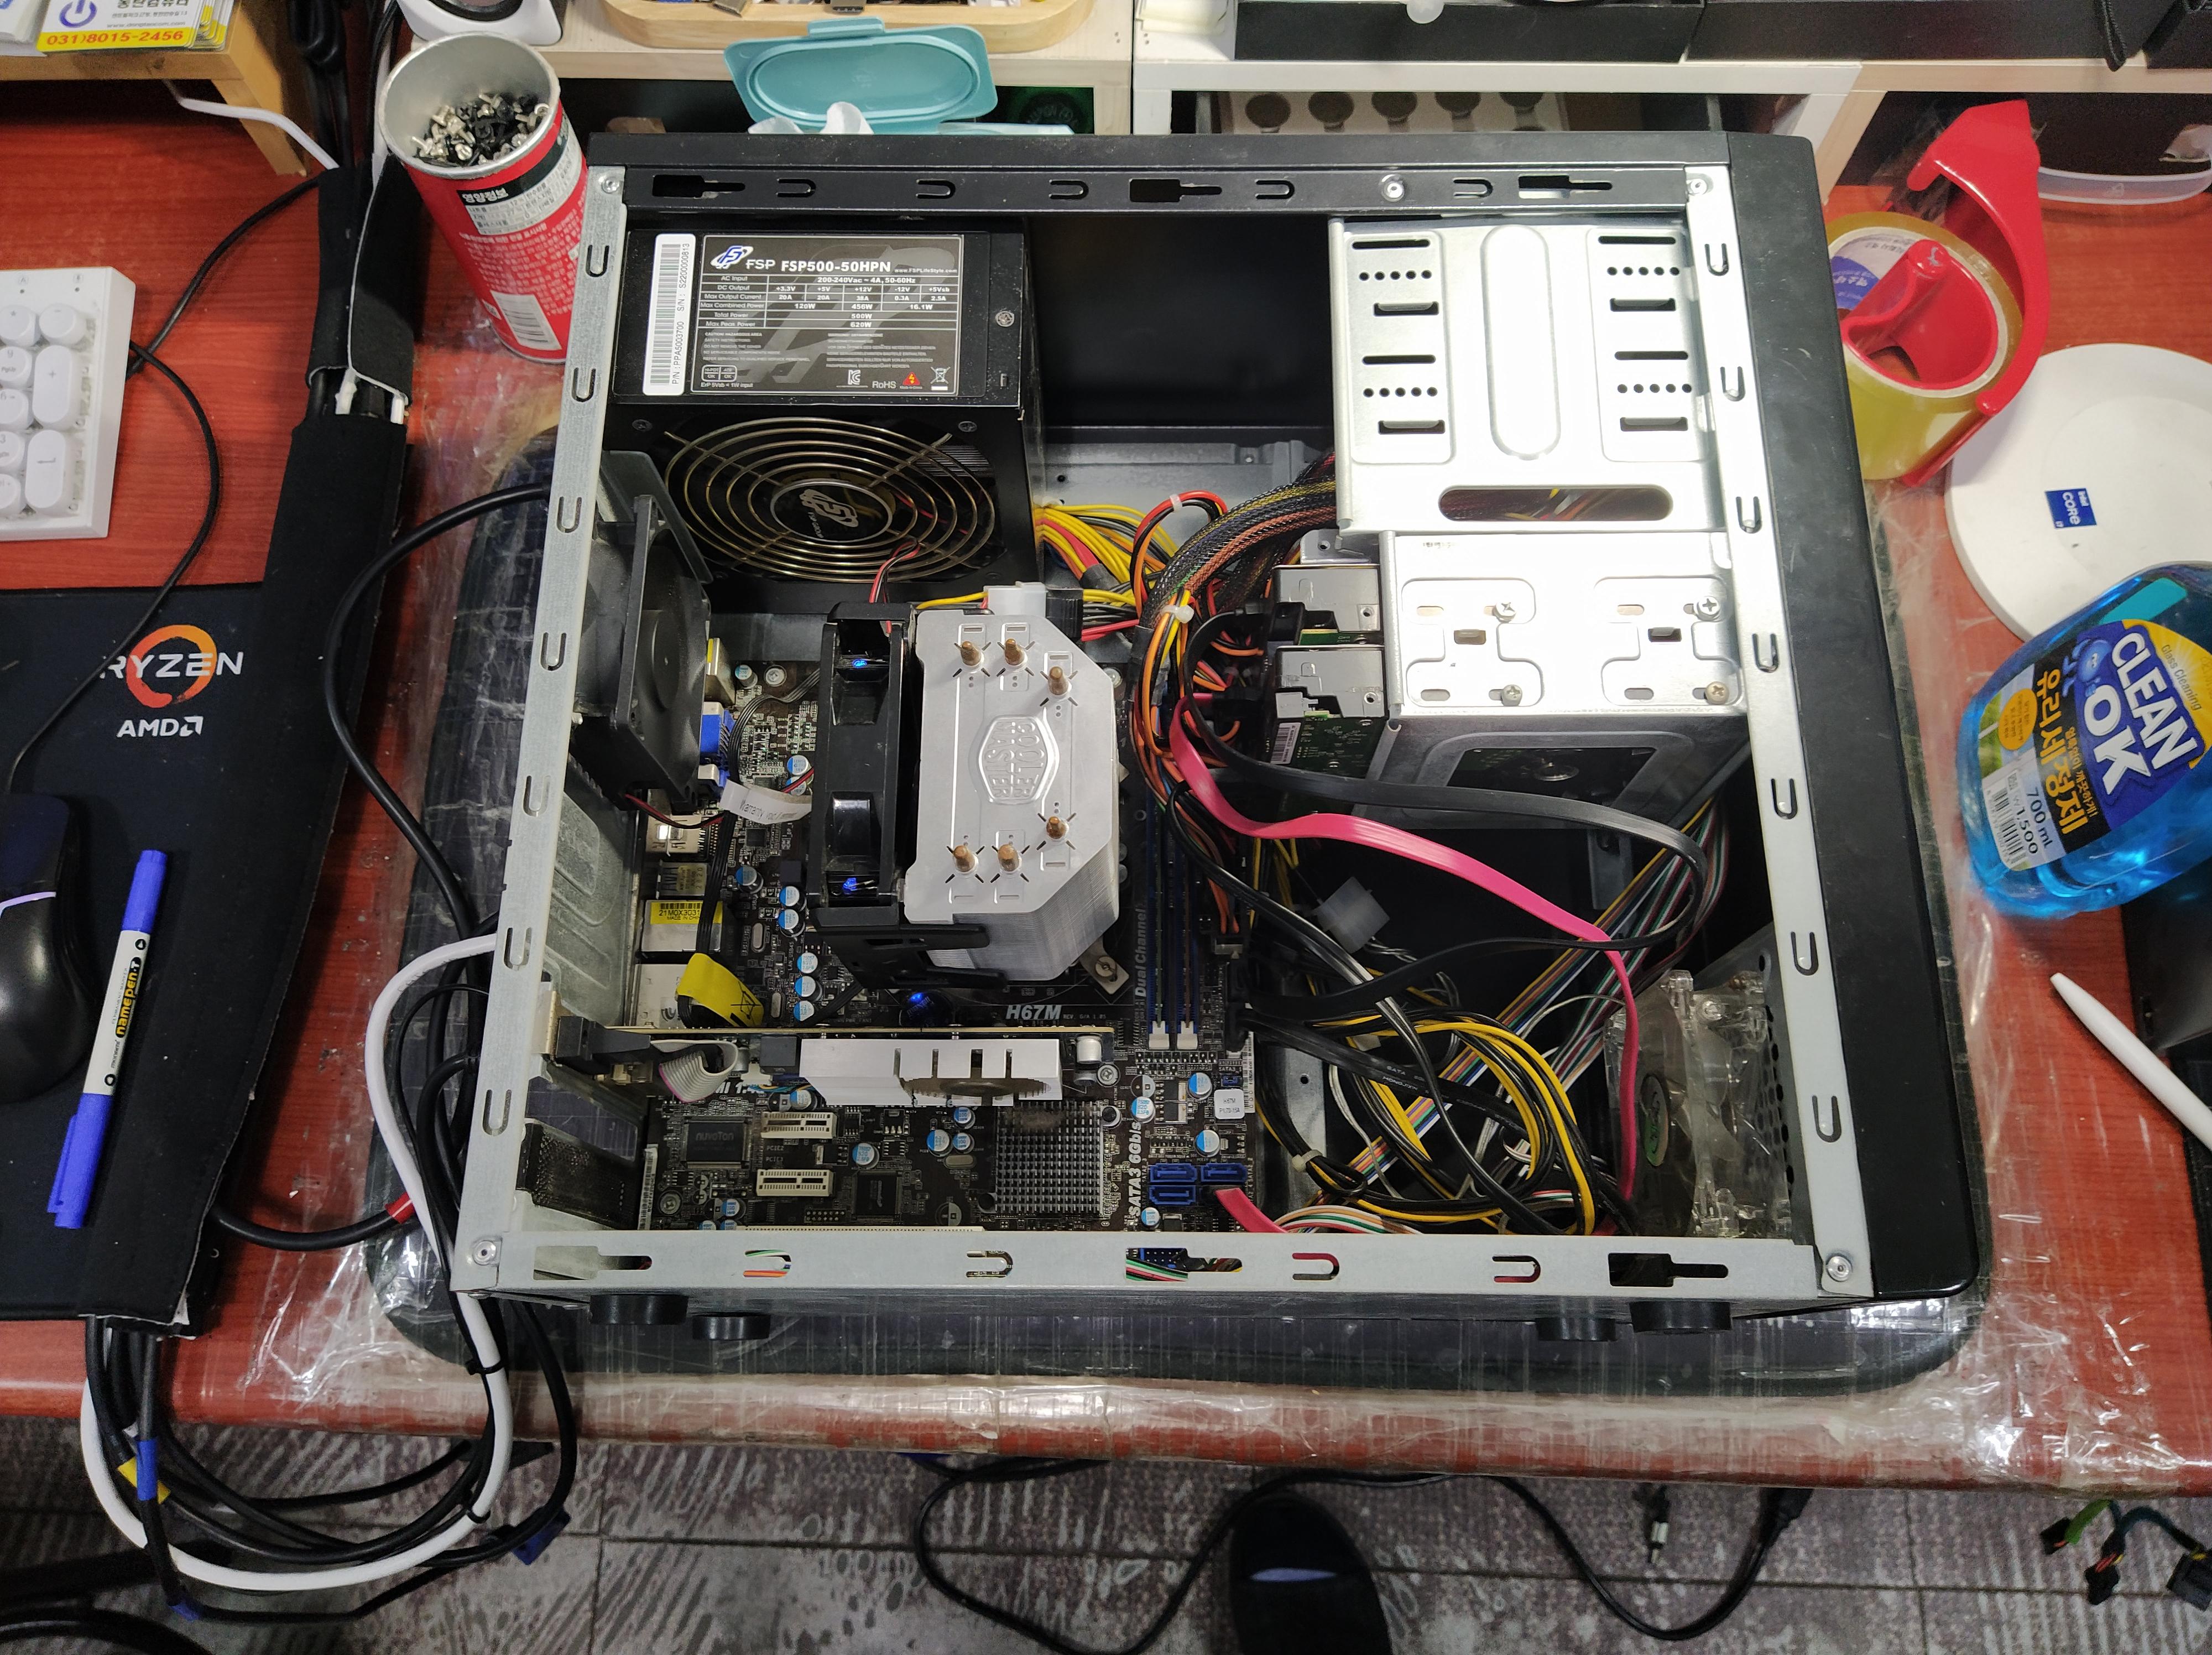 10년된 컴퓨터